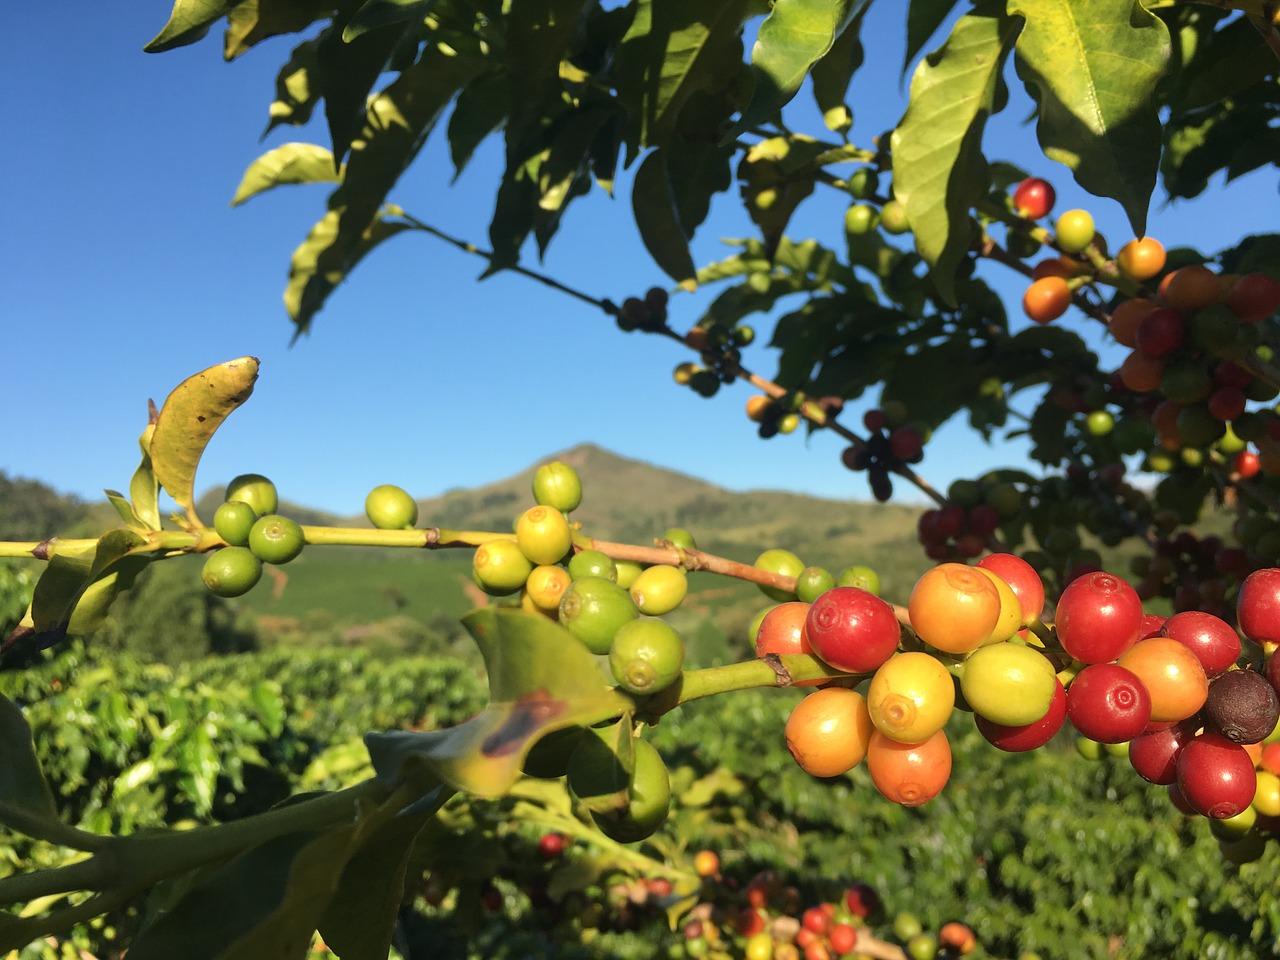 La caféine produite par le caféier fait partie des grandes adaptations des végétaux